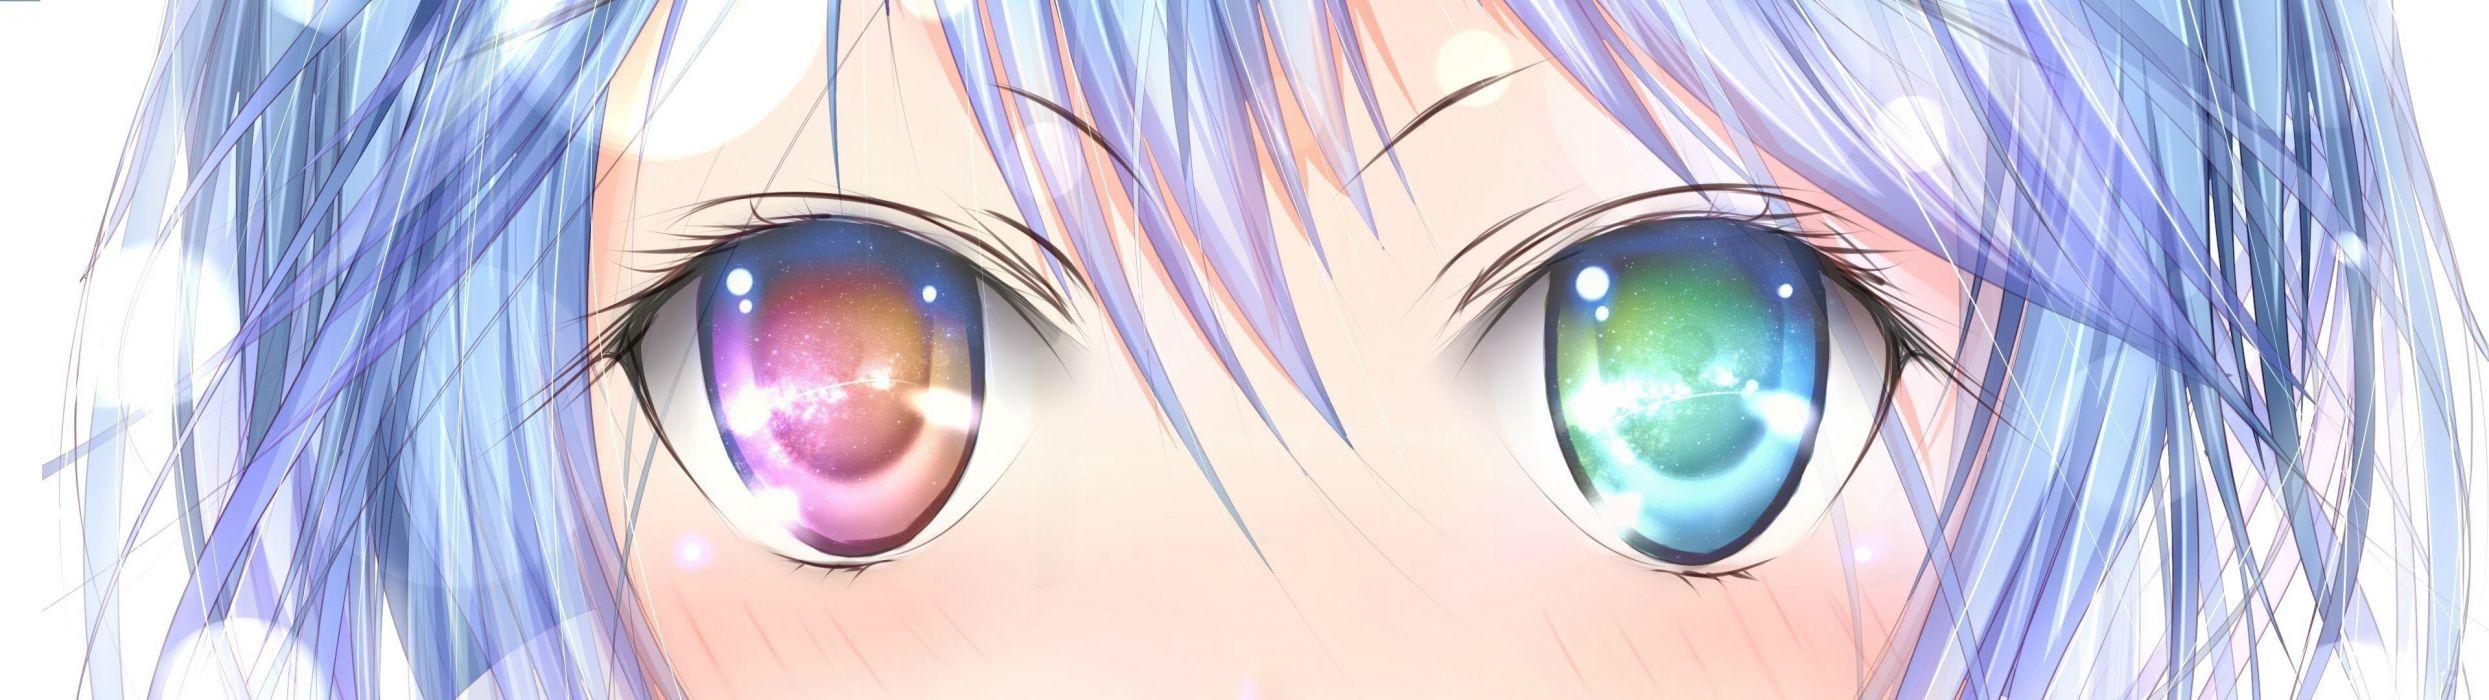 Eyes Anime Denpa Onna To Seishun Otoko Touwa Erio Soft Shading Anime Girls Wallpaper 3840x1080 223111 Wallpaperup